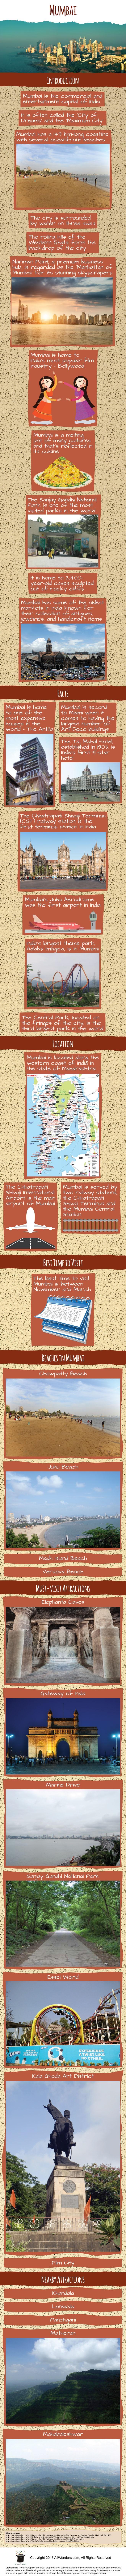 Mumbai Travel Infographic